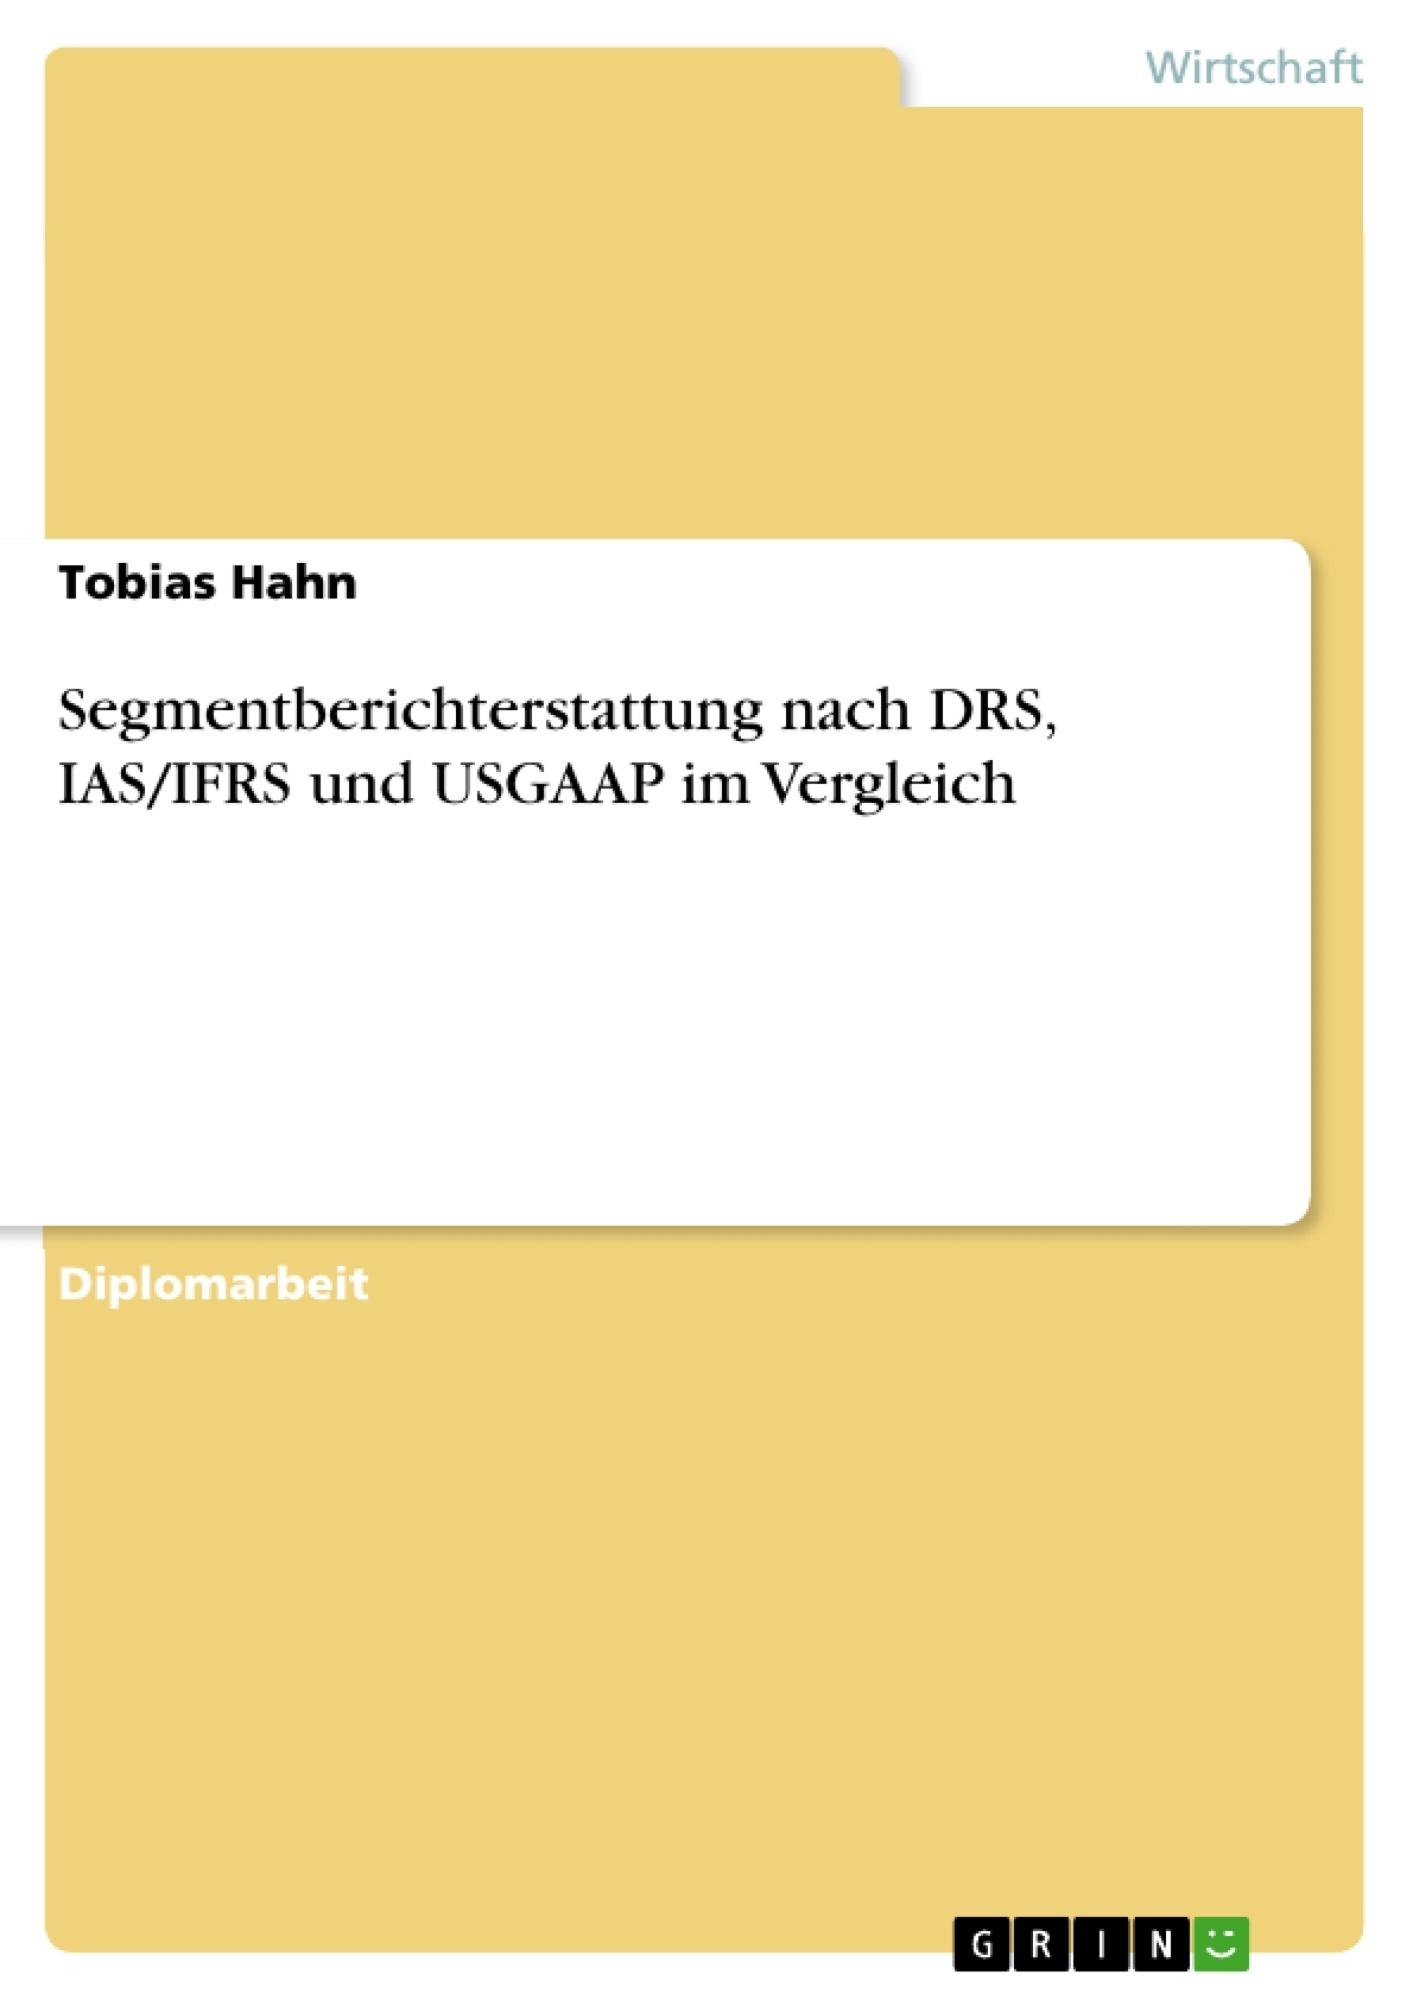 Titel: Segmentberichterstattung nach DRS, IAS/IFRS und USGAAP im Vergleich